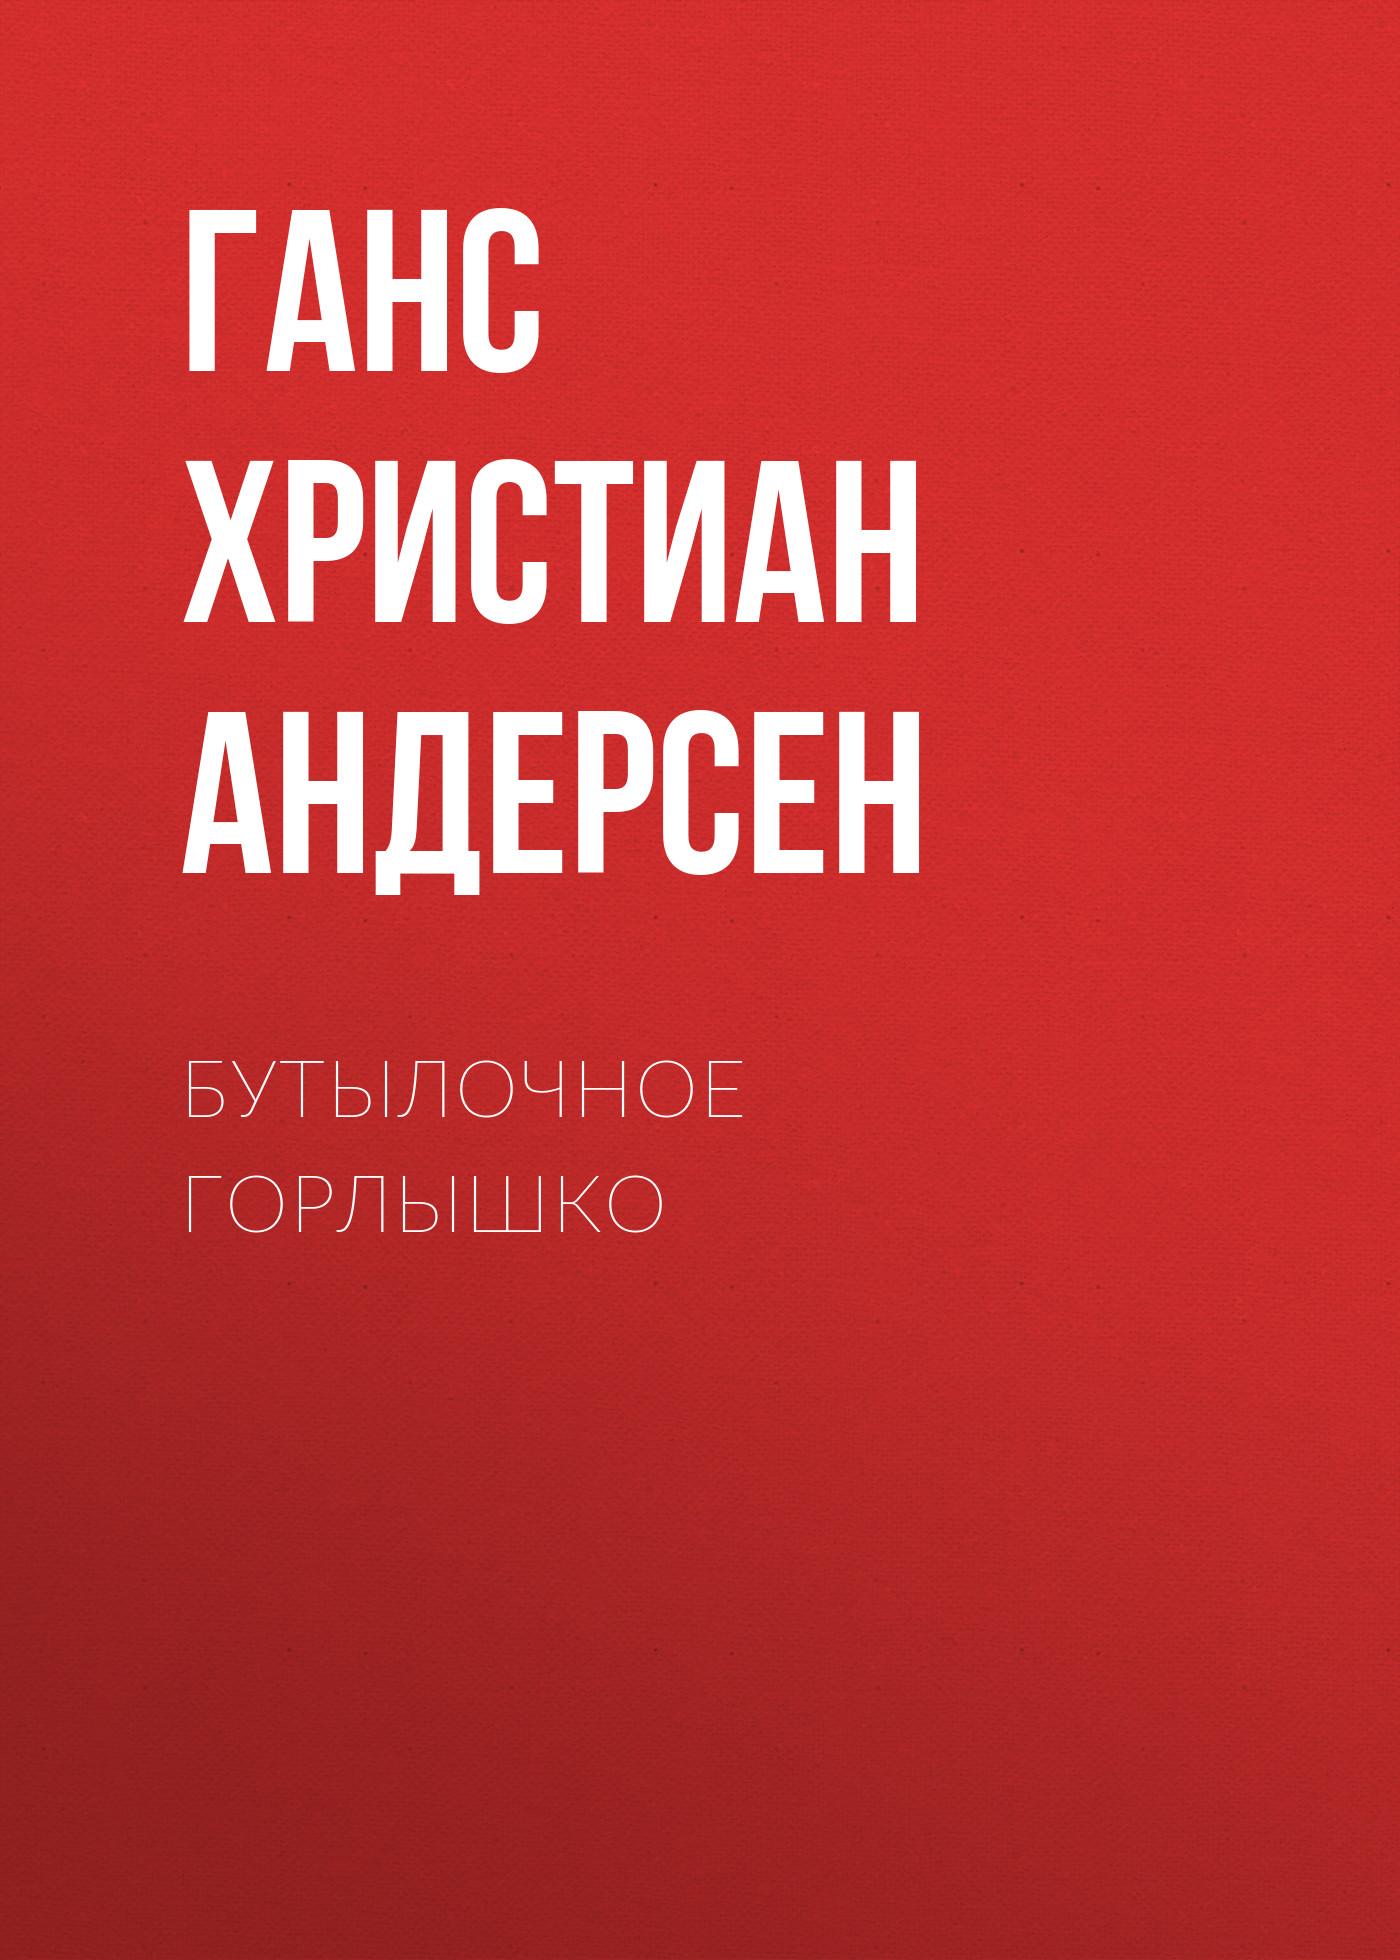 butylochnoe gorlyshko